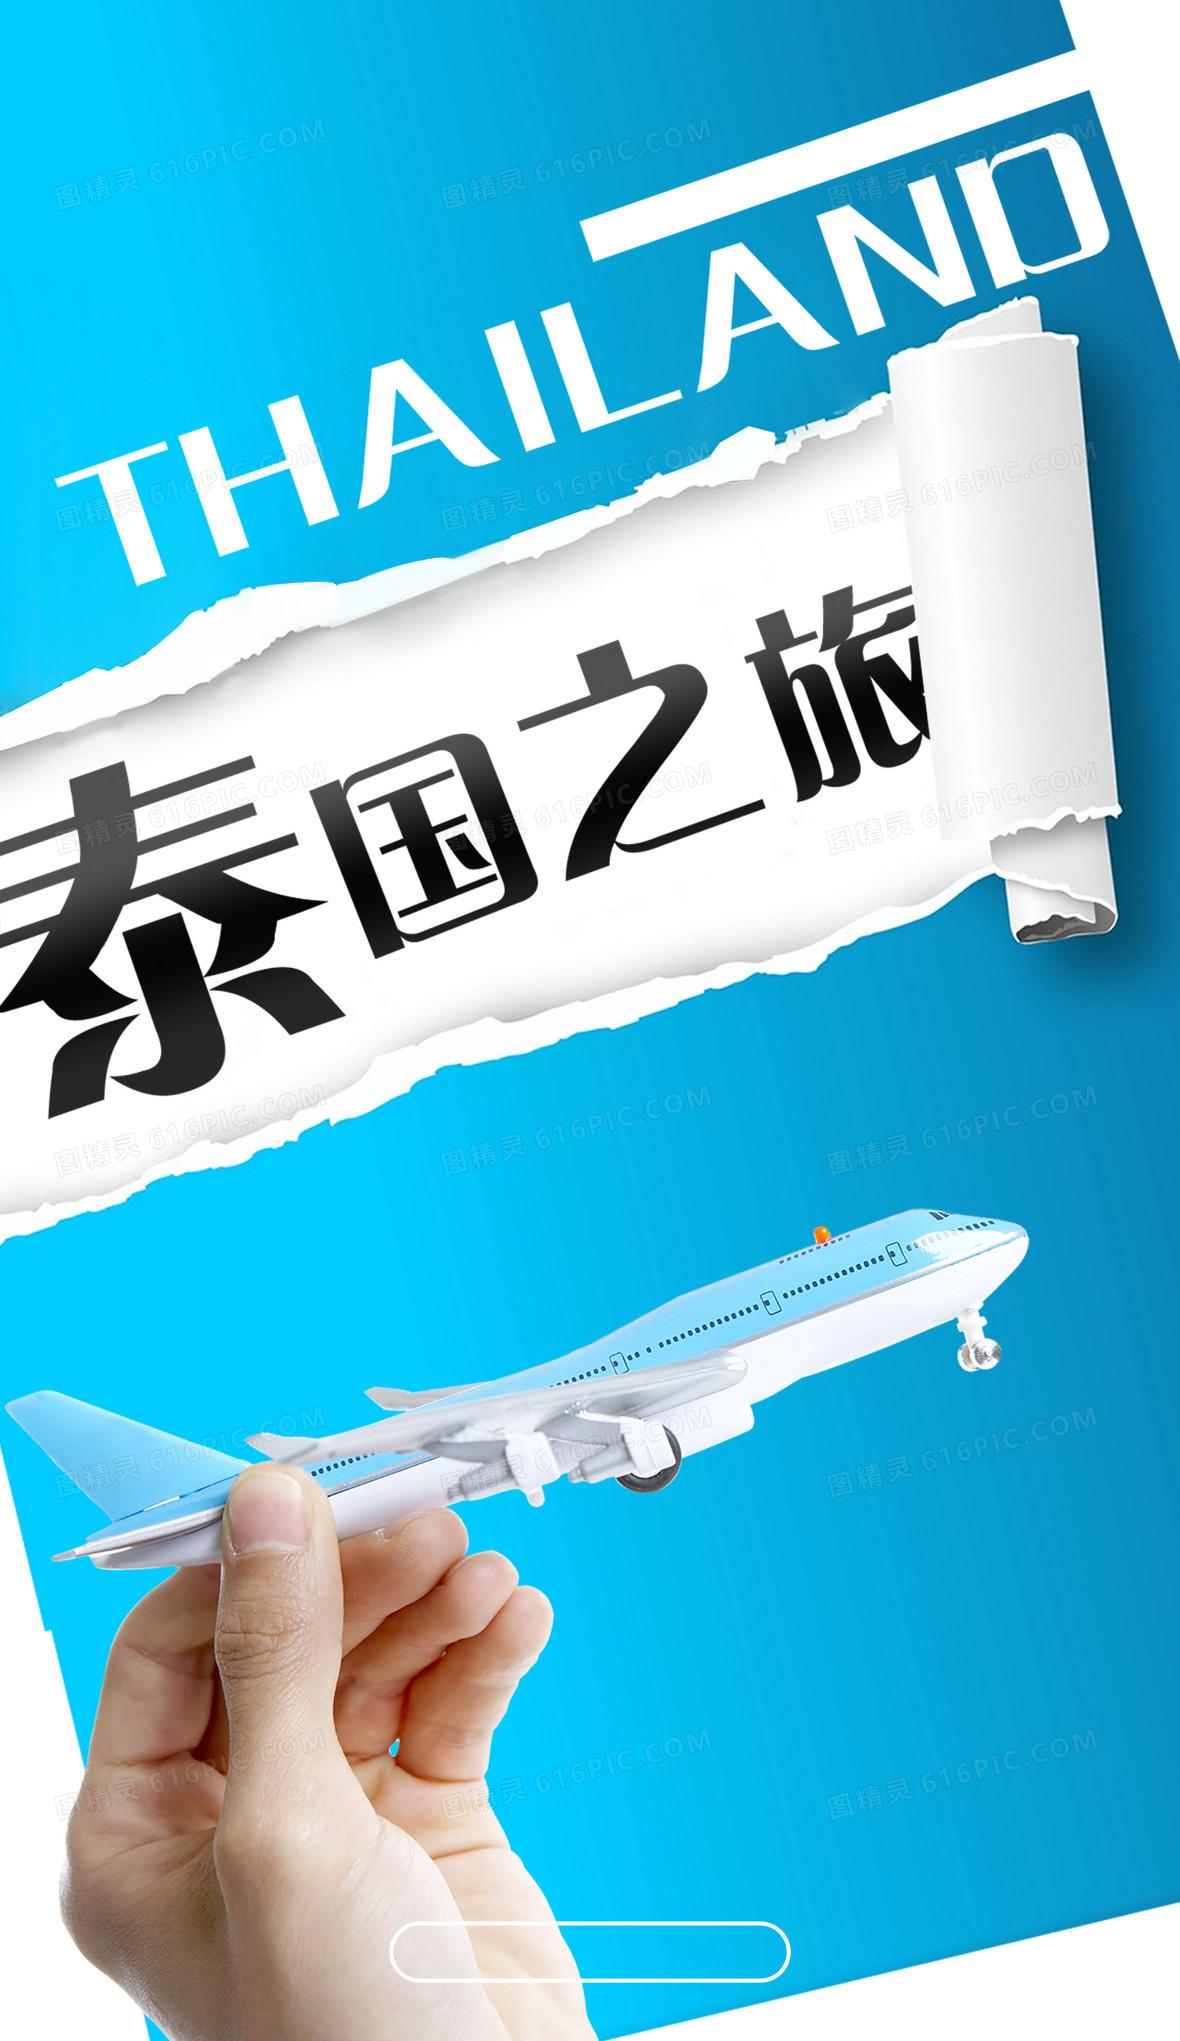 泰国之旅旅游海报背景素材